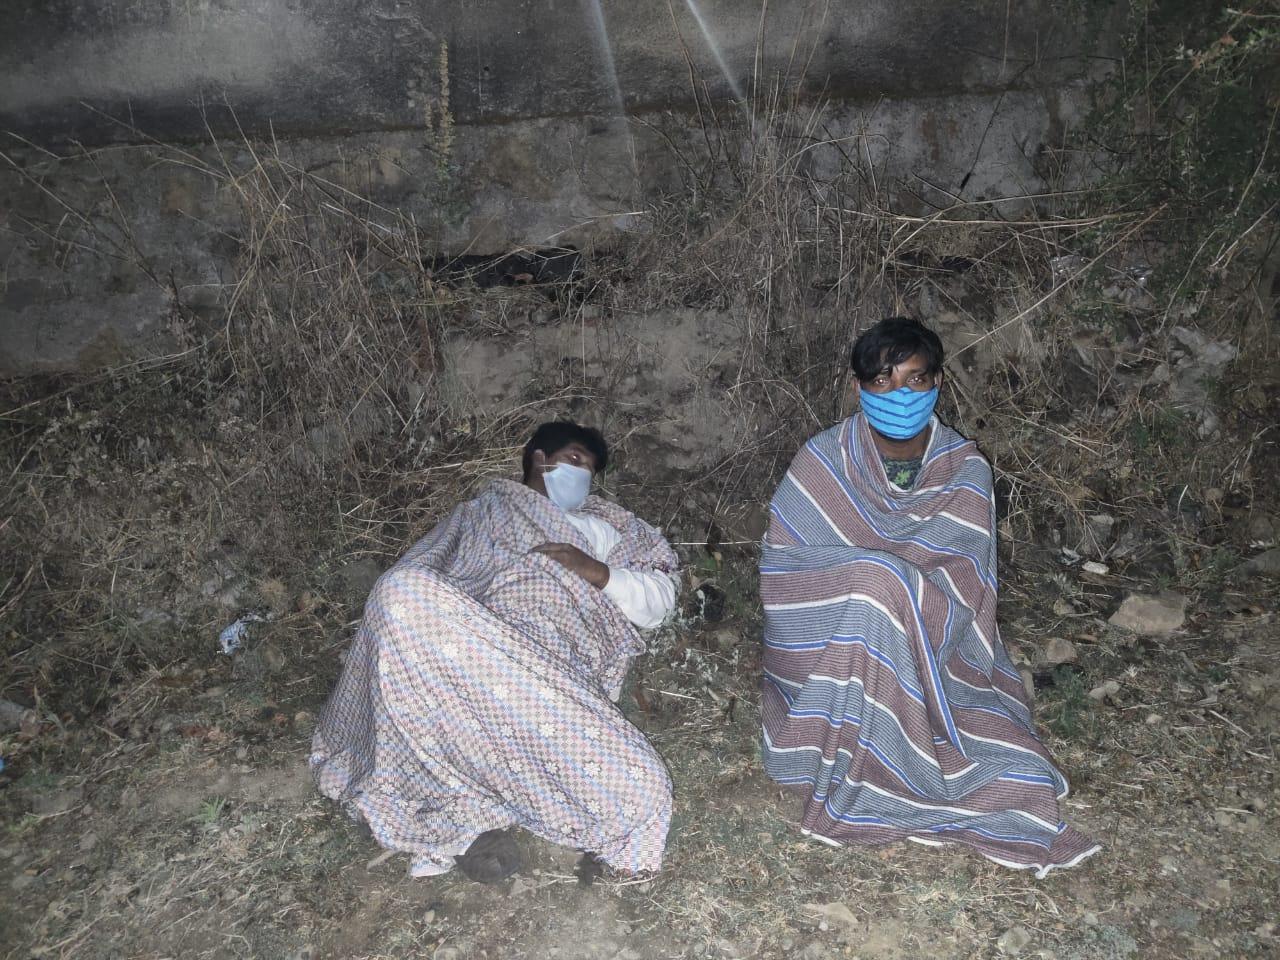 पुलिस ने मात्र एक घंटे के भीतर गिरफ्तार किए सरांहा कोविड़ सेंटर से फरार दोनों आरोपियों को